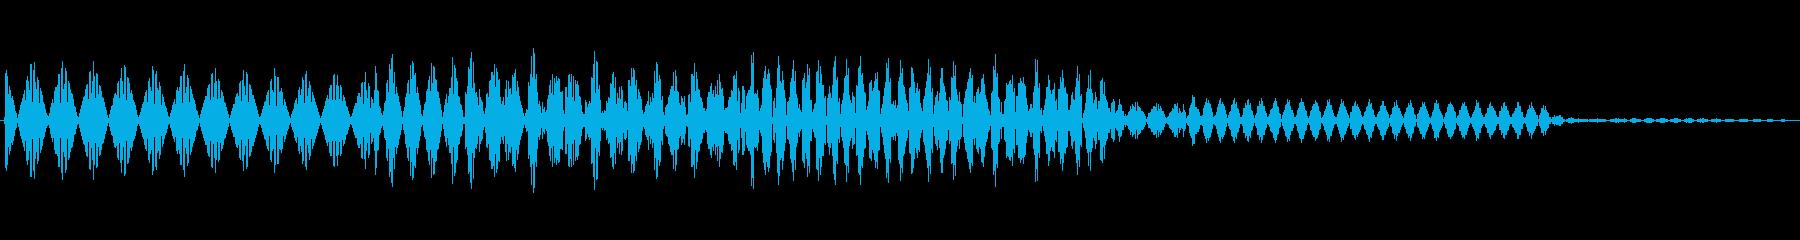 ボタン決定音システム選択タッチ登録C05の再生済みの波形